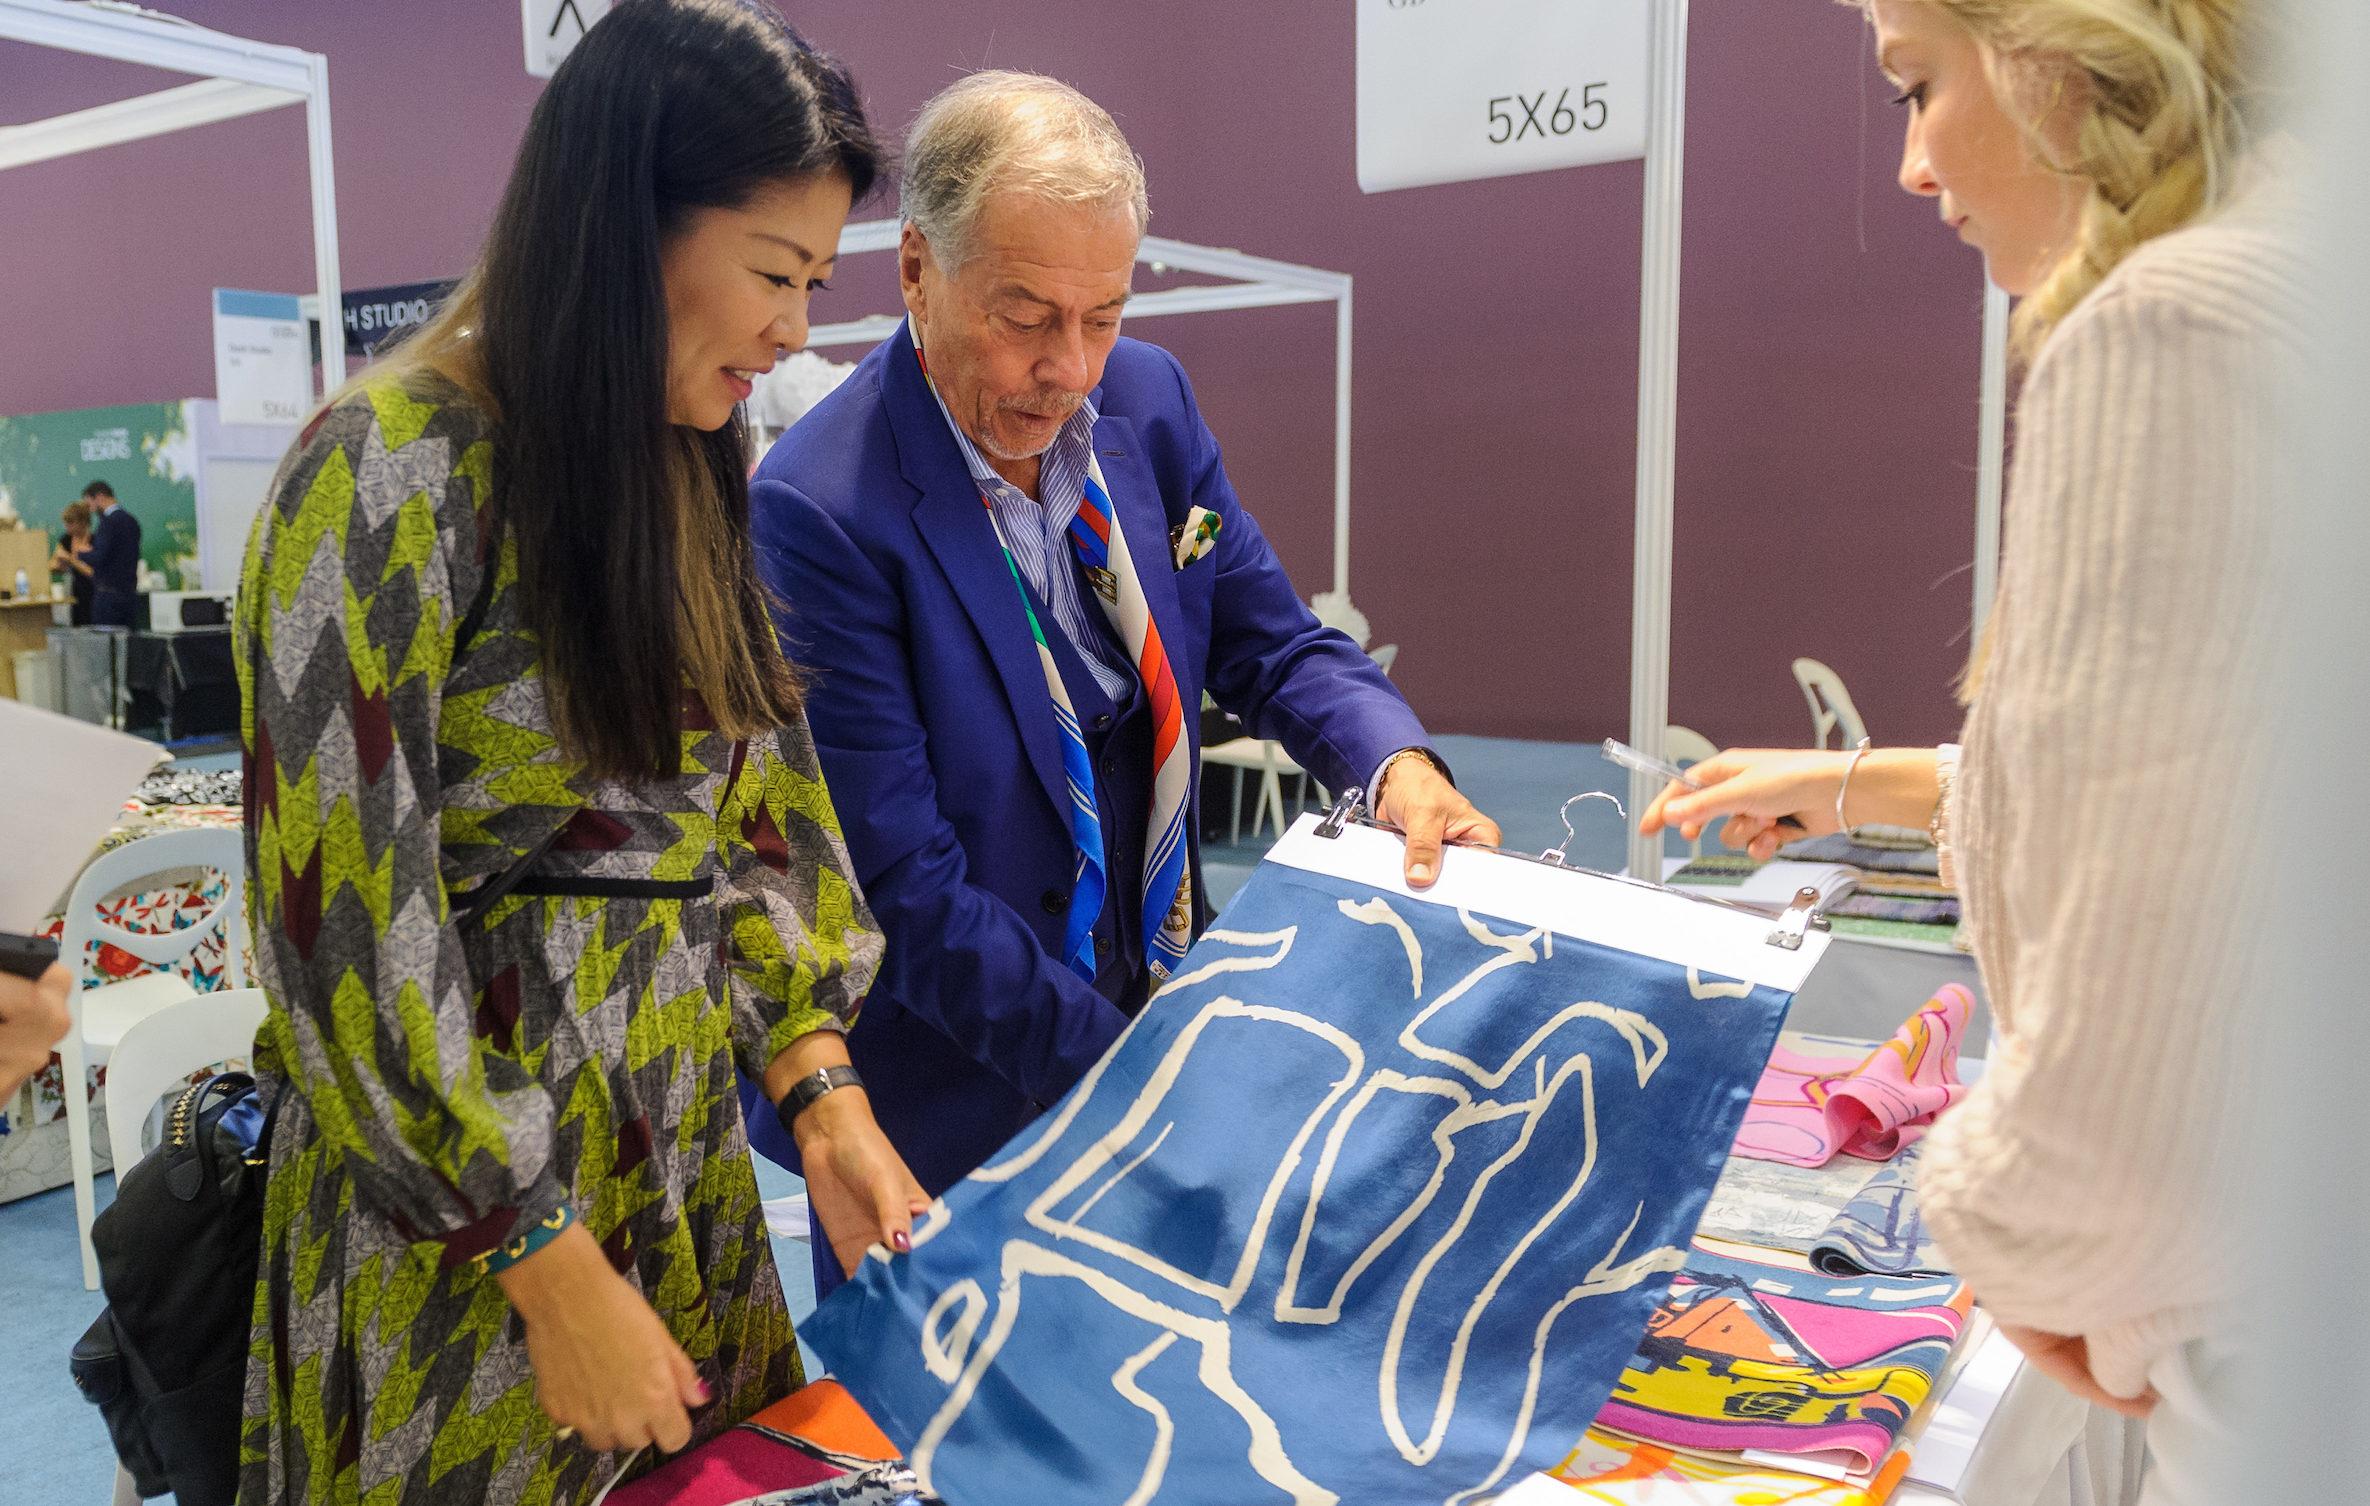 Abbiamo avuto il piacere di poter intervistare la nota designer Yuma Koshino, giudice del Texprint Awards.